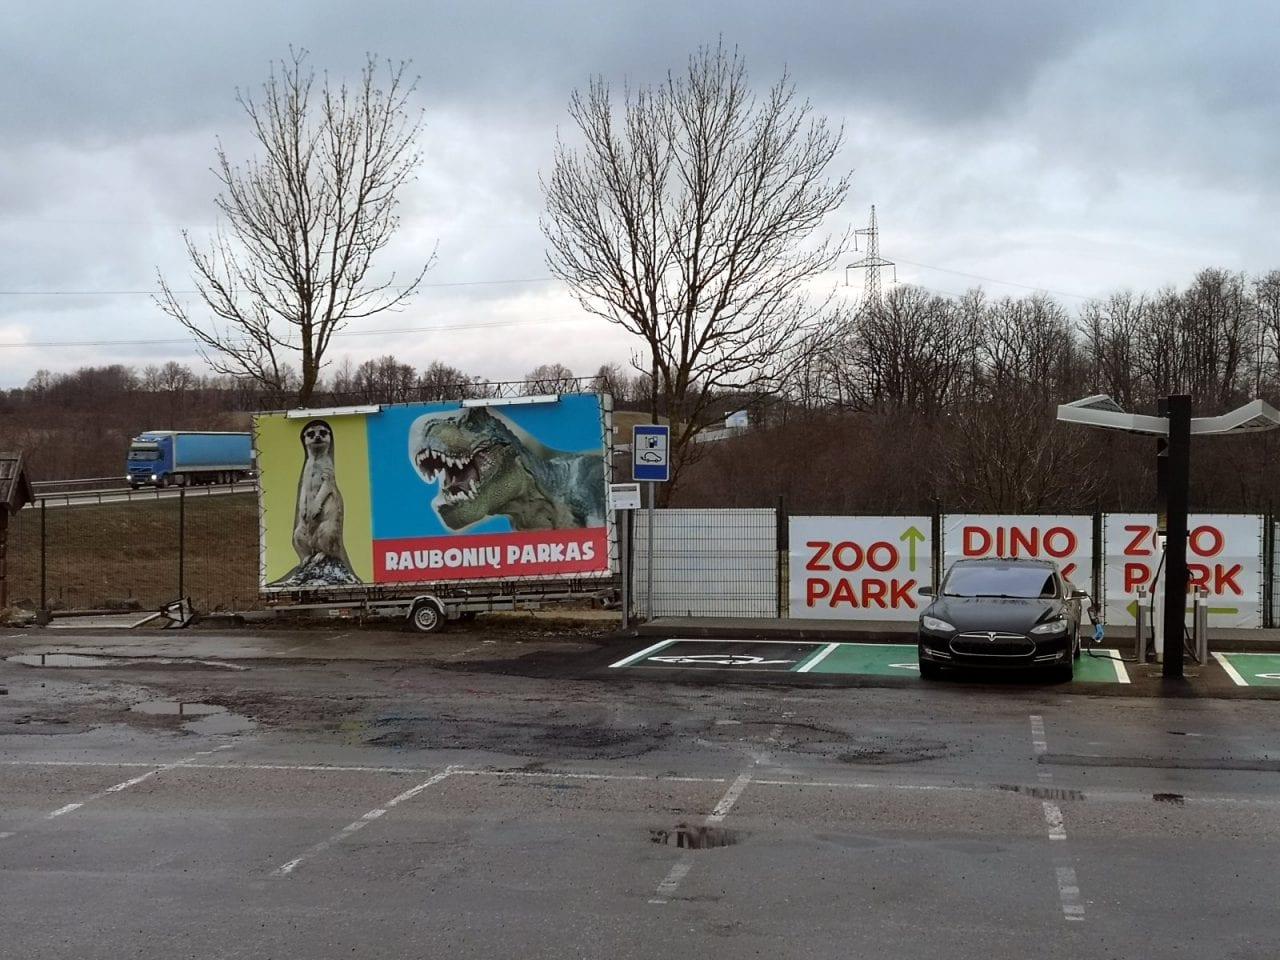 Jokamies-Itäblokki-Teslalla-Dino-park